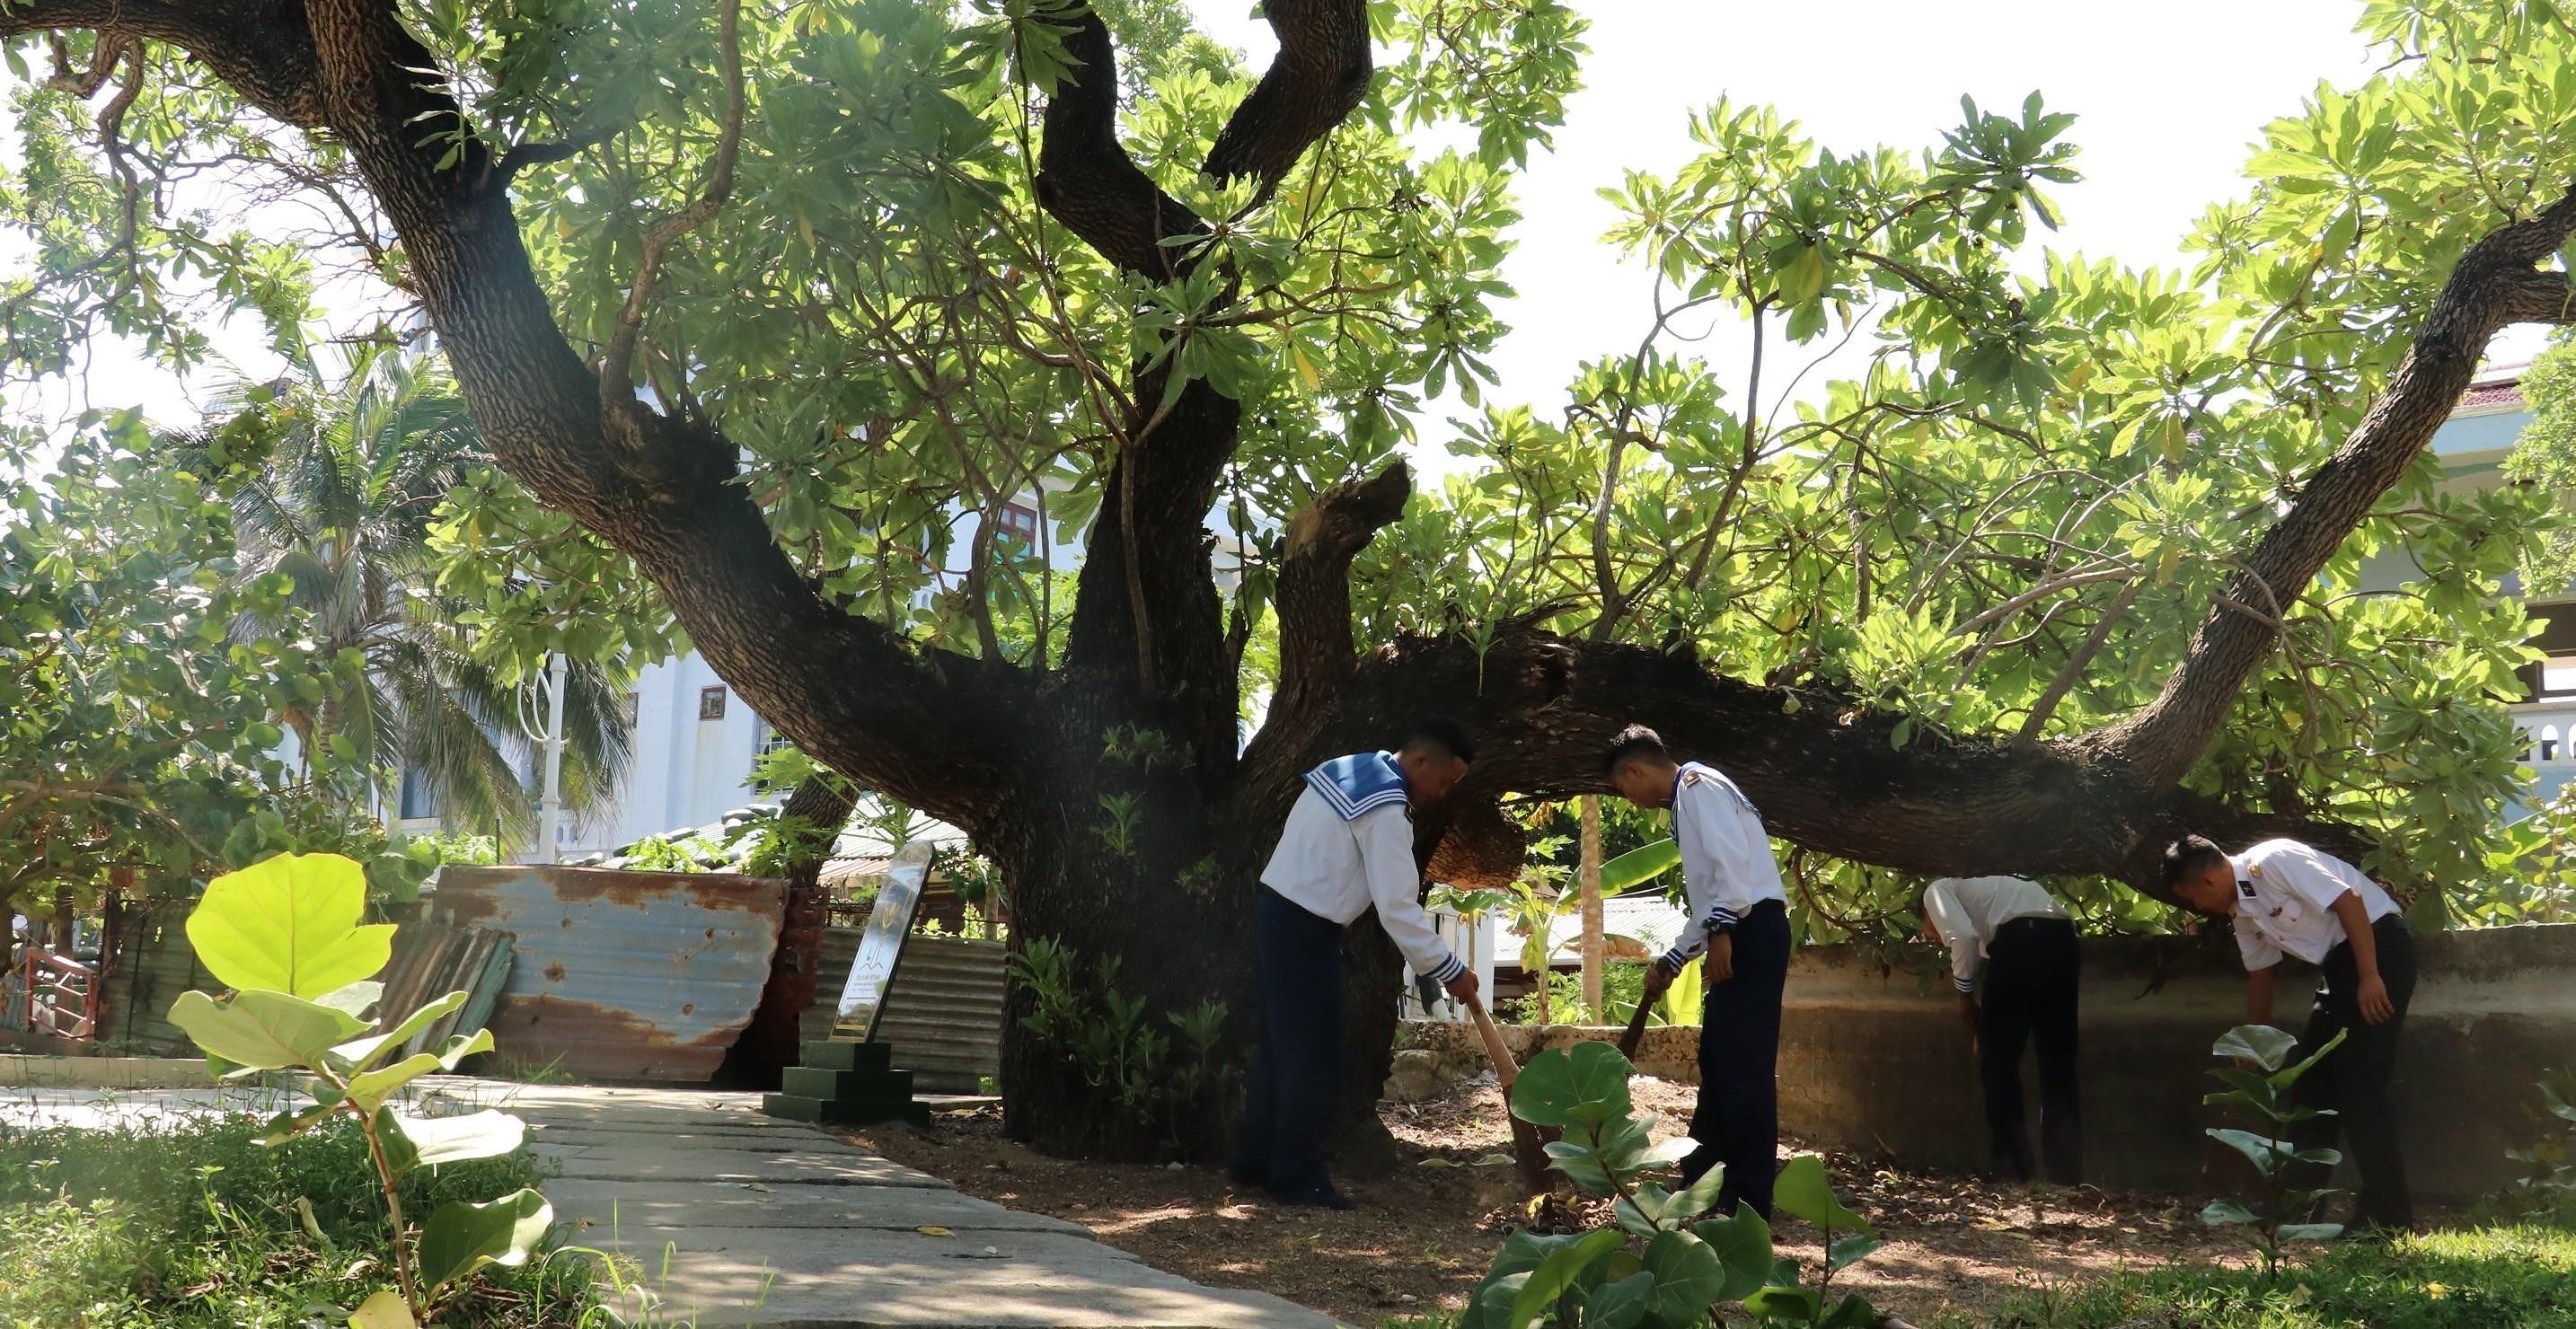 组图:长沙群岛上主权界碑——遗产树 hinh anh 5